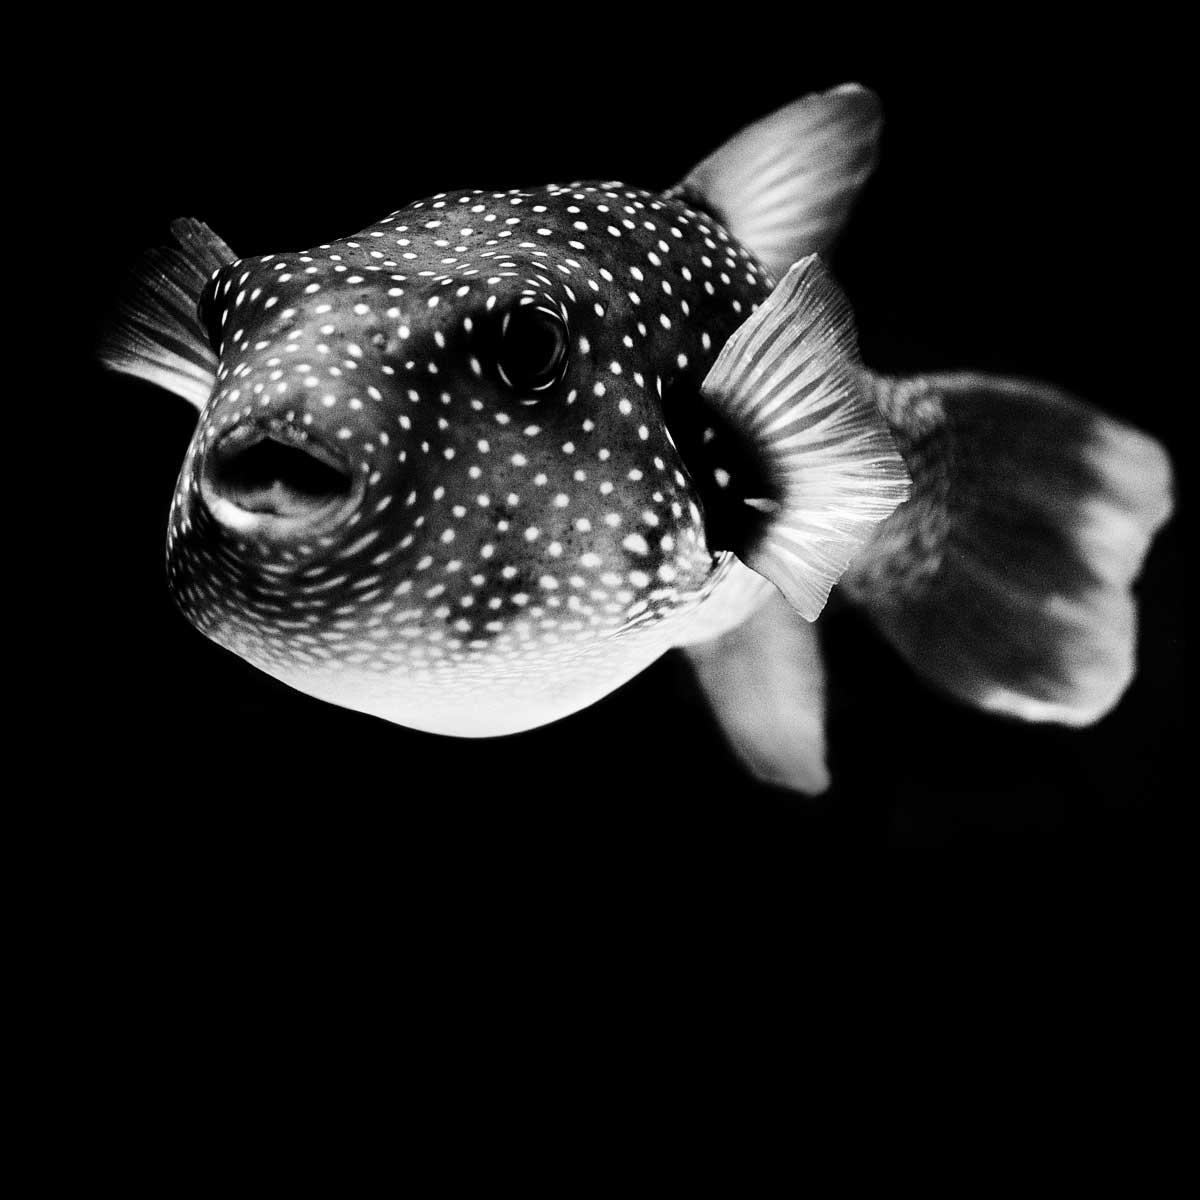 white-with-black-spot-pictures-rane-mokkar-xxx